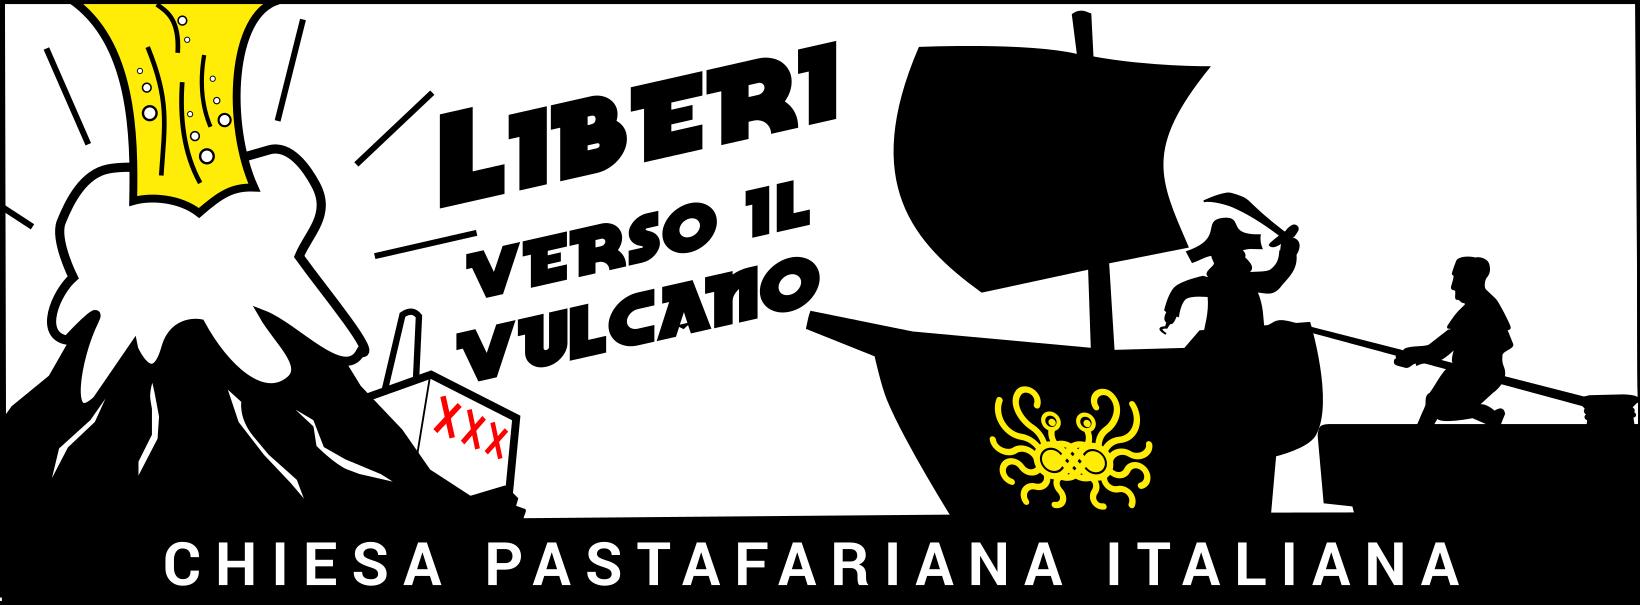 Le storie pirata del Liberi Verso il Vulcano Day